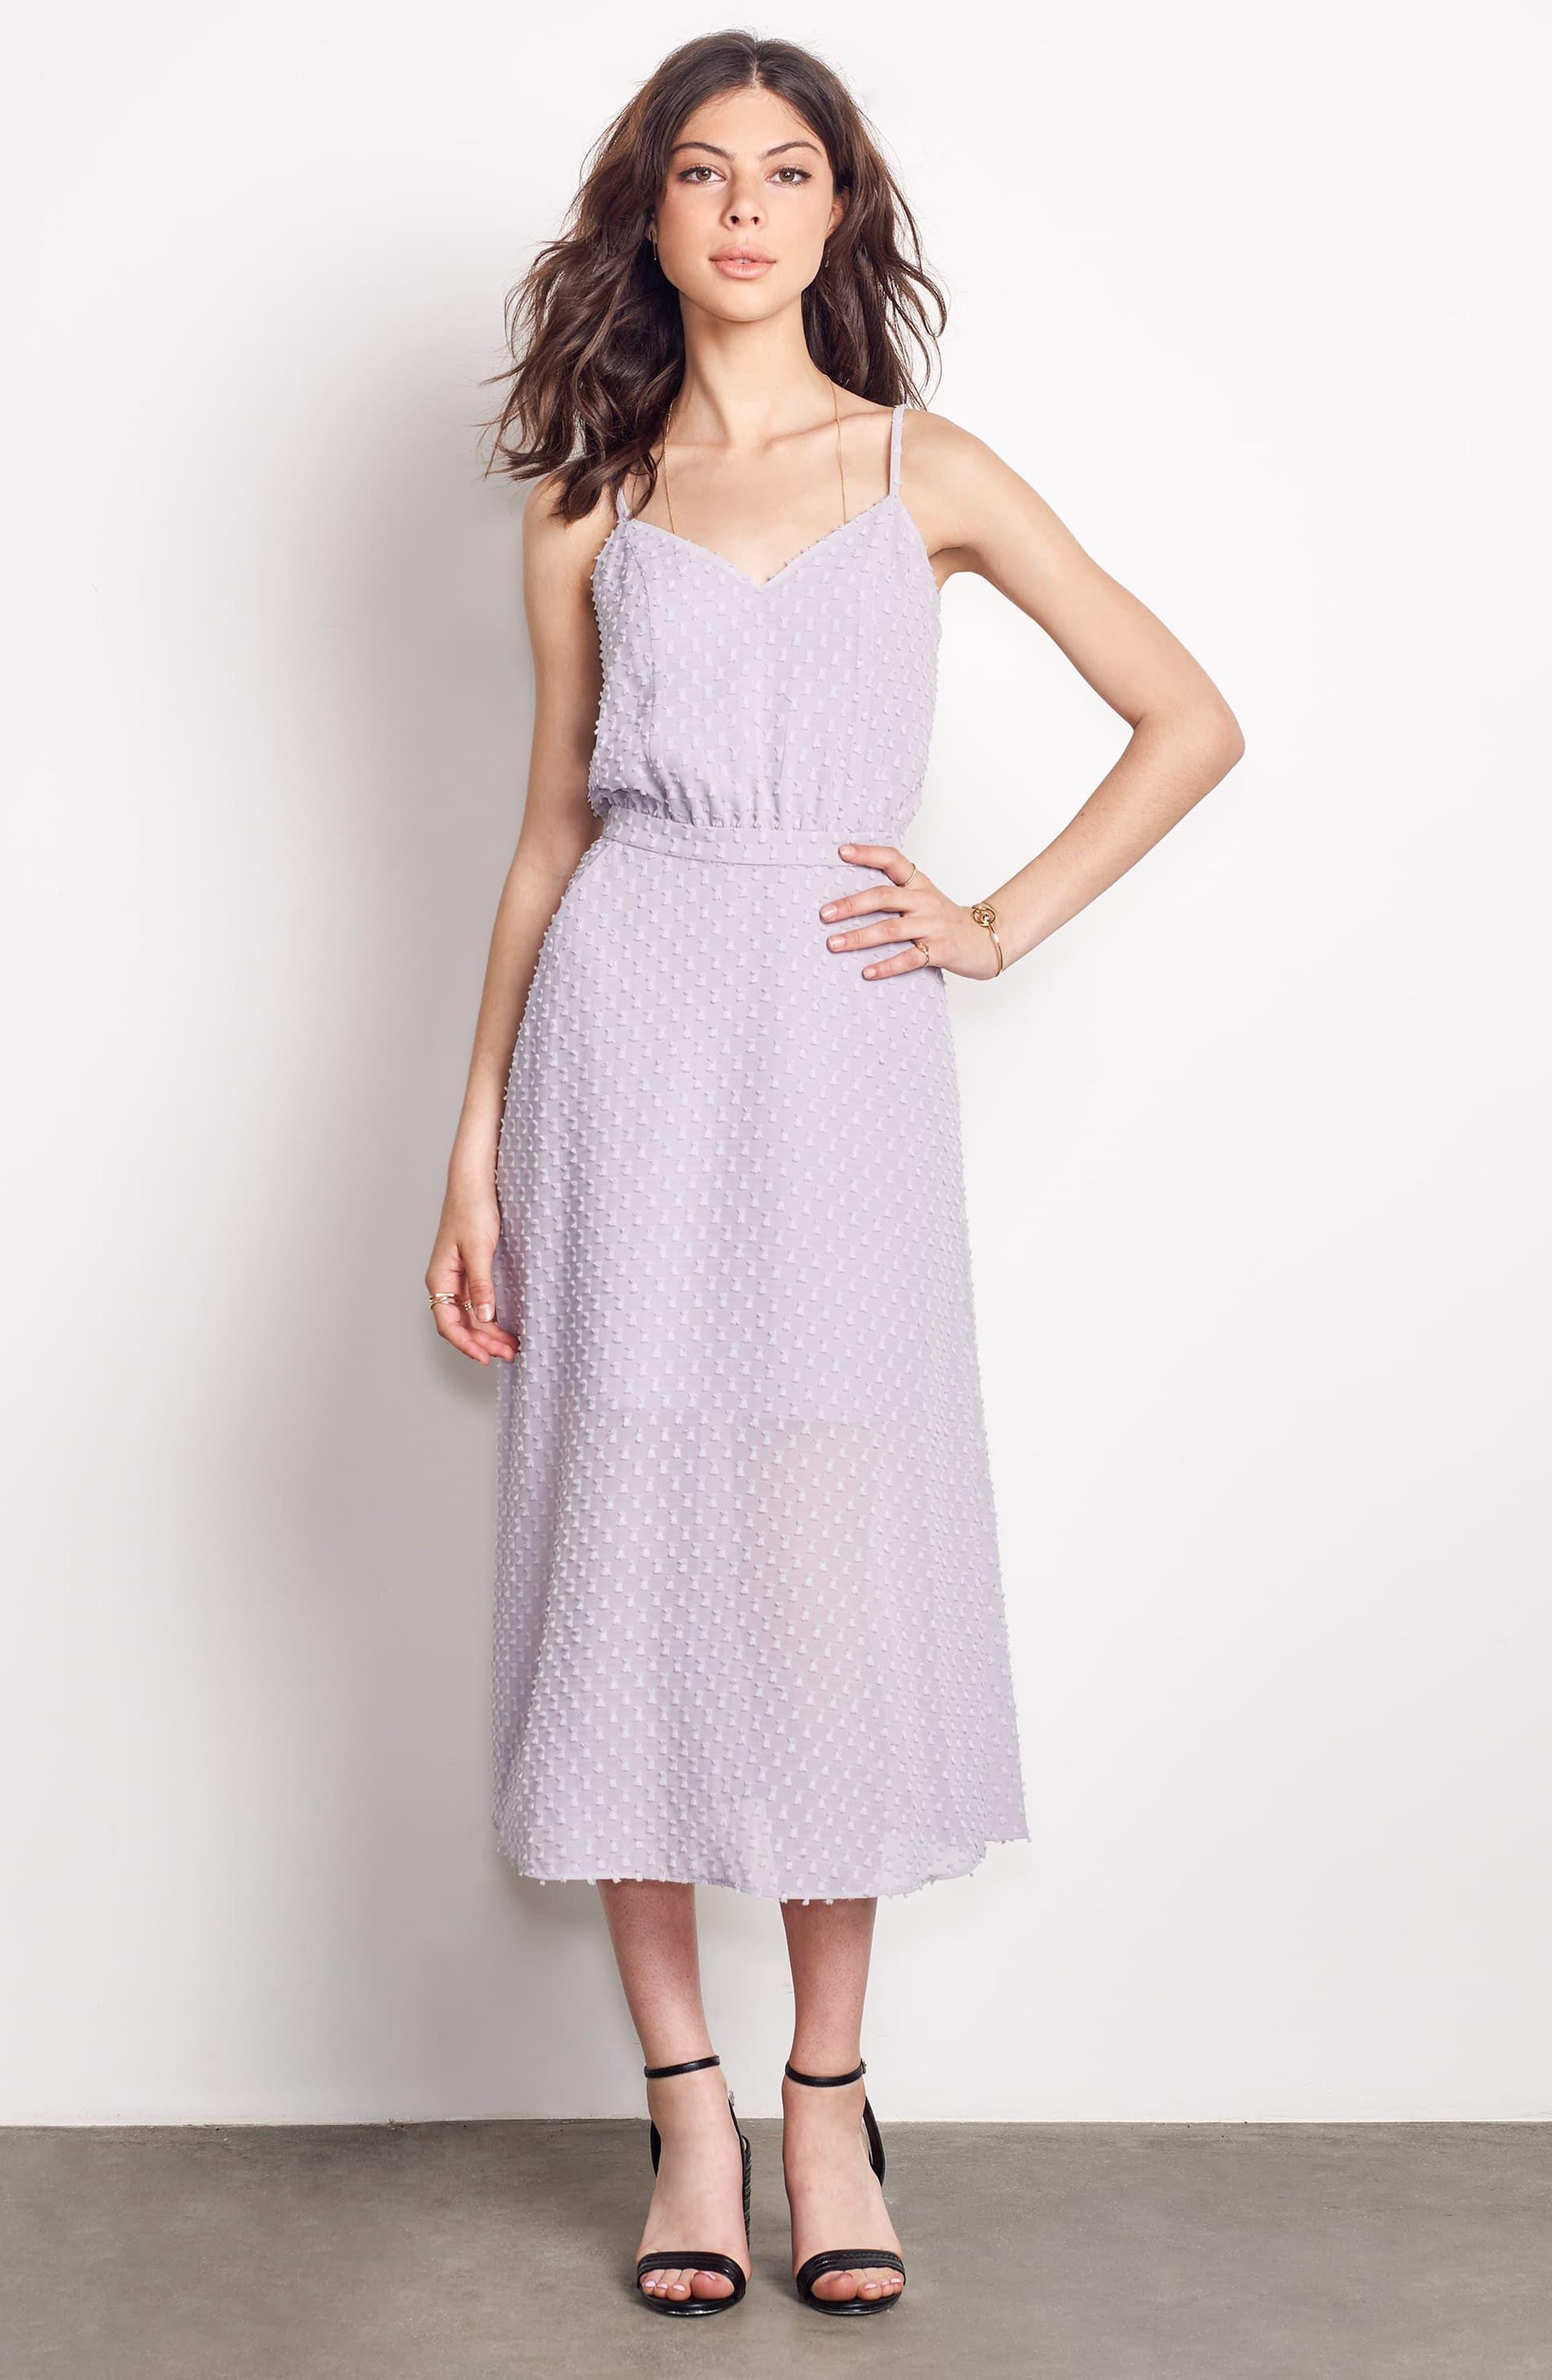 Bisou Bisou Midi Dress,                             Alternate thumbnail 7, color,                             020